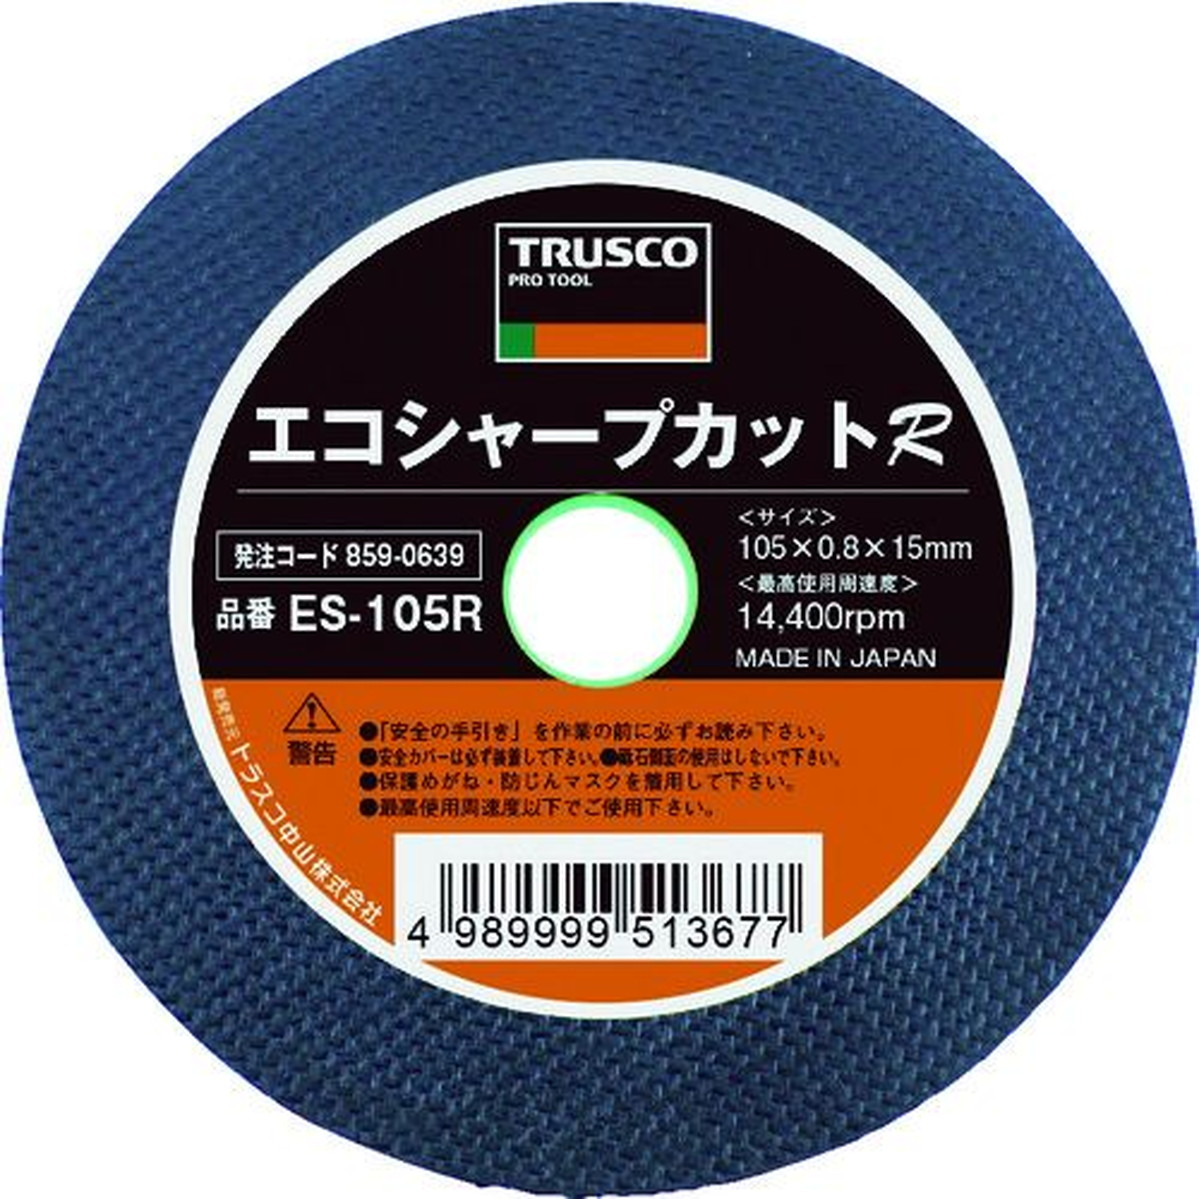 【2020春夏新作】 TRUSCO 25枚 切断砥石 切断砥石 エコシャープカットR 355X3.0X25.4mm 355X3.0X25.4mm 25枚, ALLEY OnlineShop:8d572b10 --- kventurepartners.sakura.ne.jp